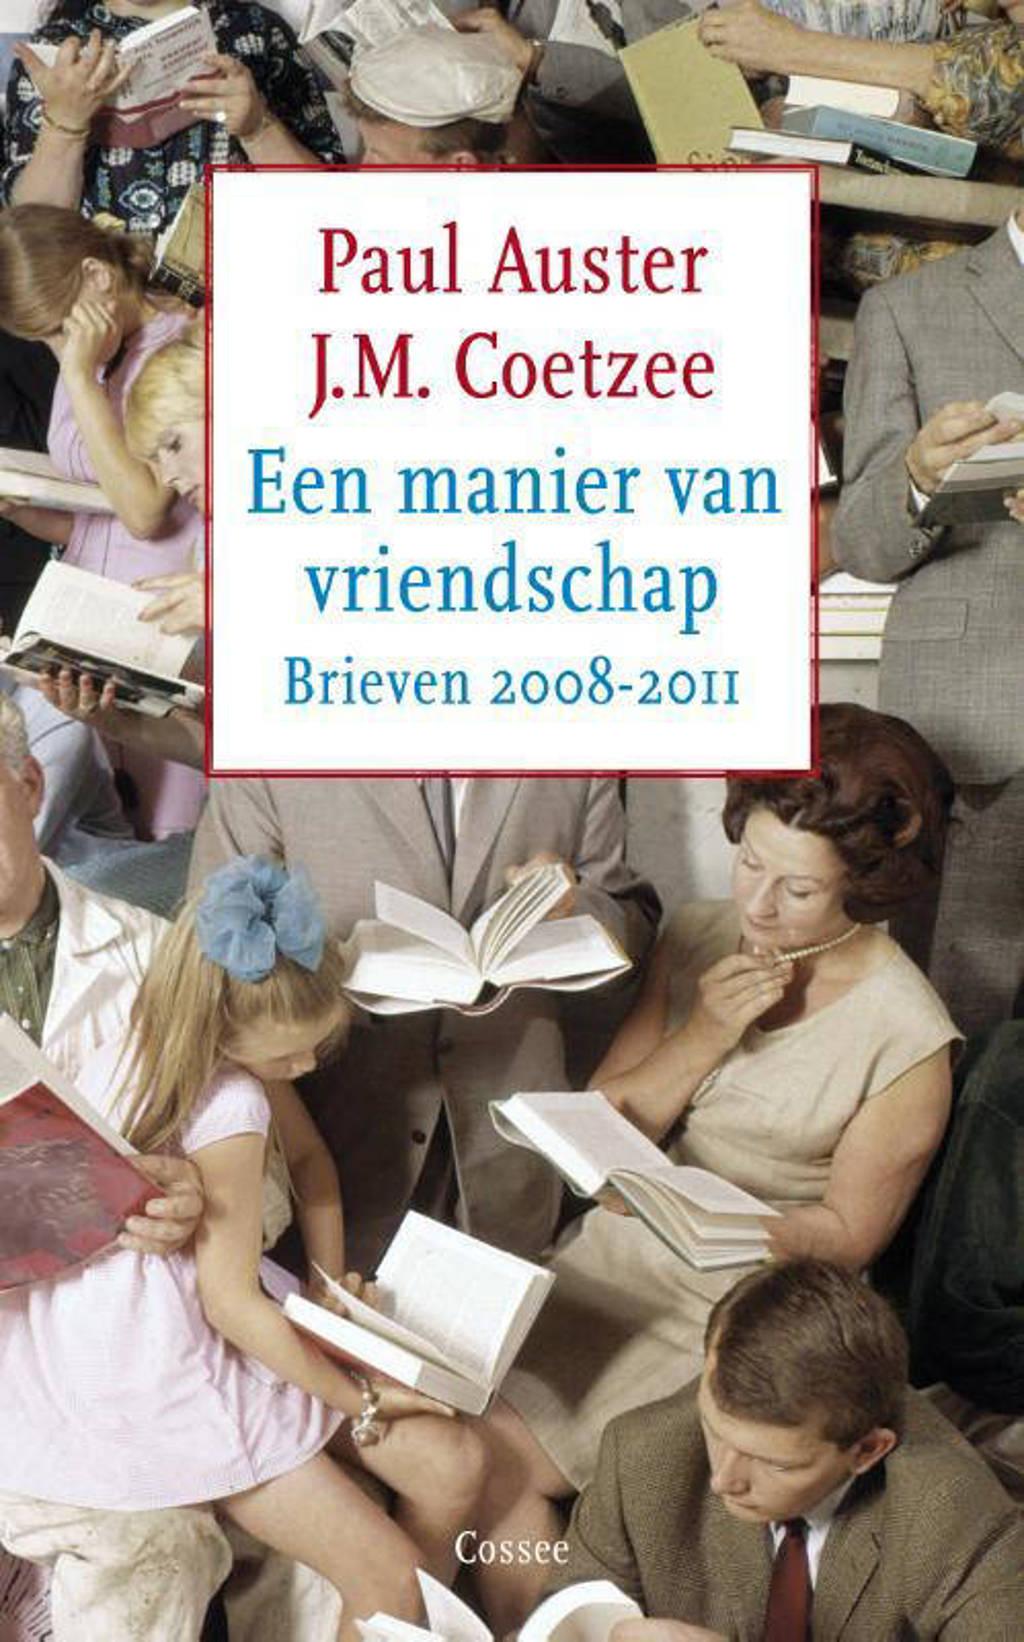 Een manier van vriendschap - J.M. Coetzee en Paul Auster